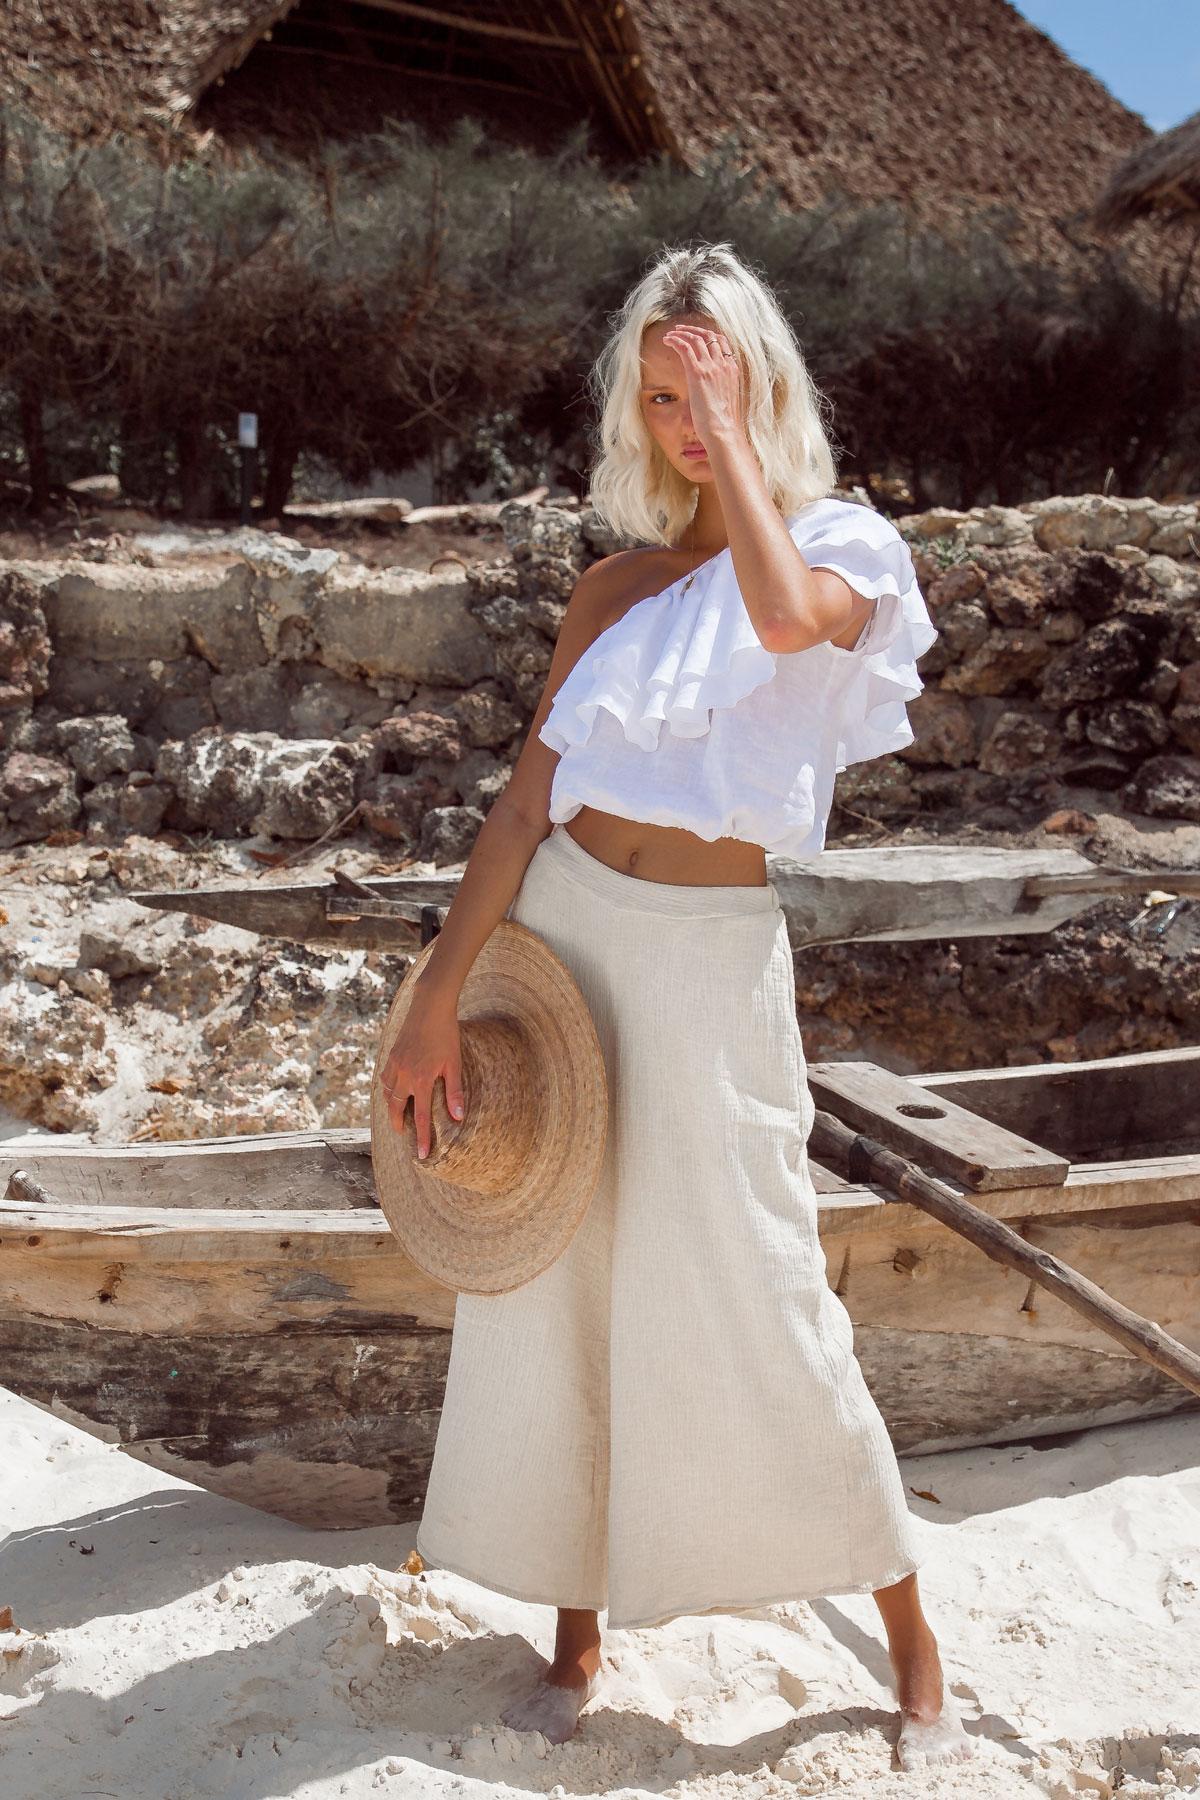 palm collective áo lệch vai nhún bèo chất liệu xô quần linen culottes